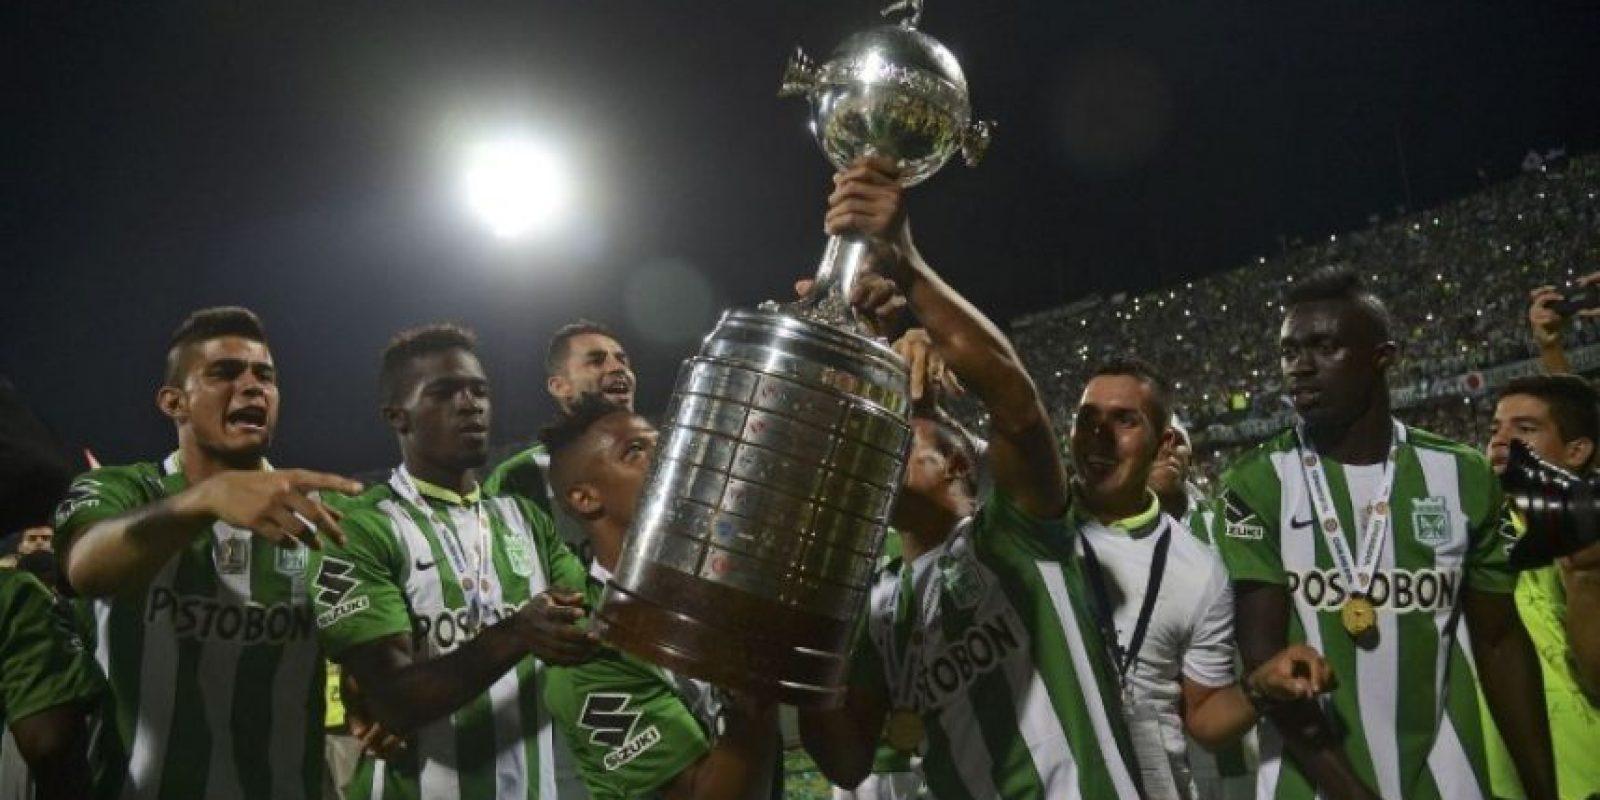 En semifinales vencieron a Sao Paulo en Brasil por 2 a 0 y en Colombia ganaron por 2 a 1. En la final, en tanto, empataron a un tanto con Independiente del Valle en Ecuador y ganaron por 1 a 0 en Colombia Foto:AFP